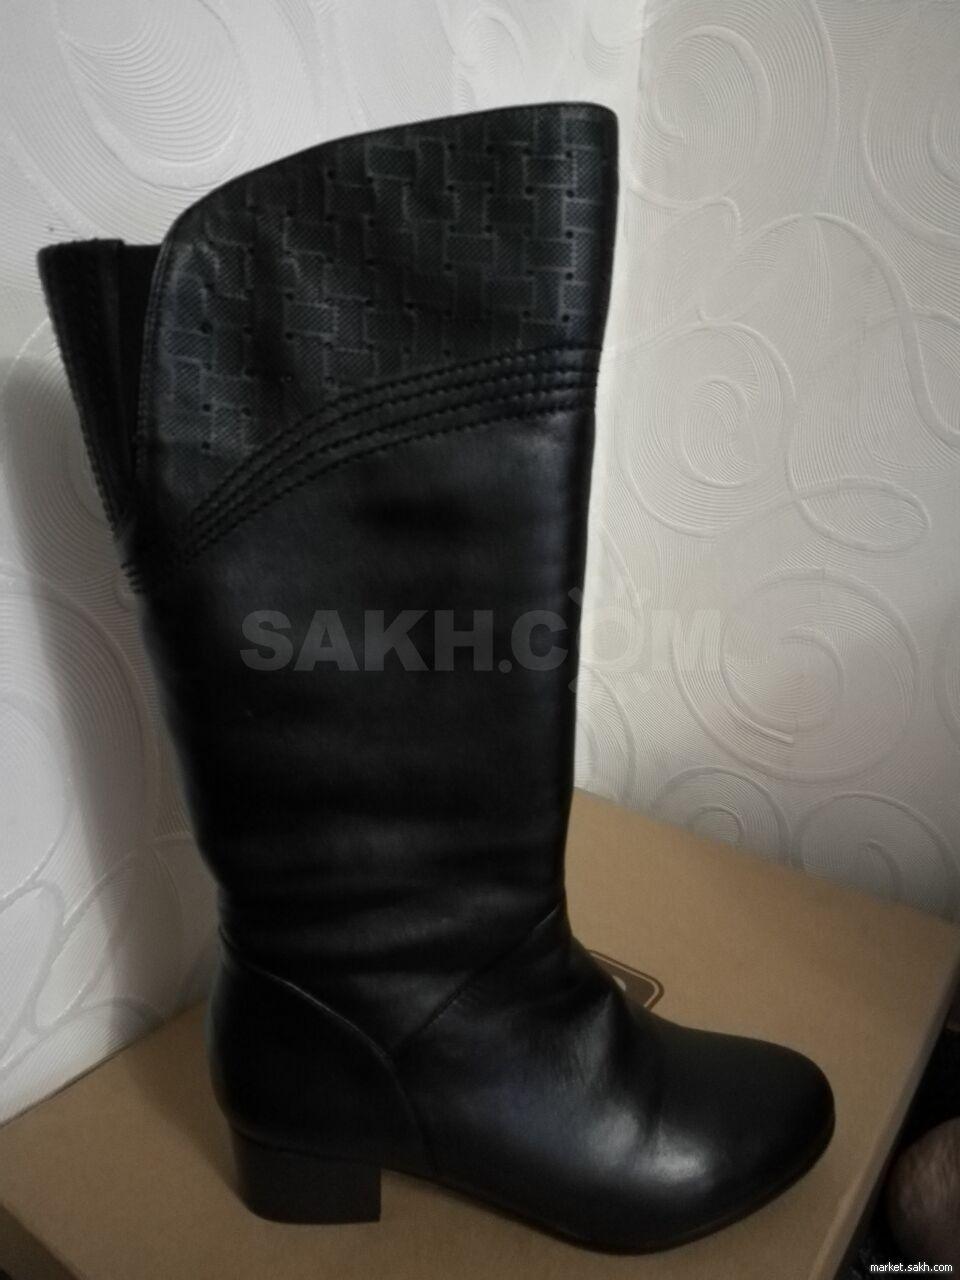 d288b785f Новые сапоги зимние черные 39 размера,кожаные, высота голенища 36 см,  обхват голенища 36 см, высота каблука 4 см.Торг.